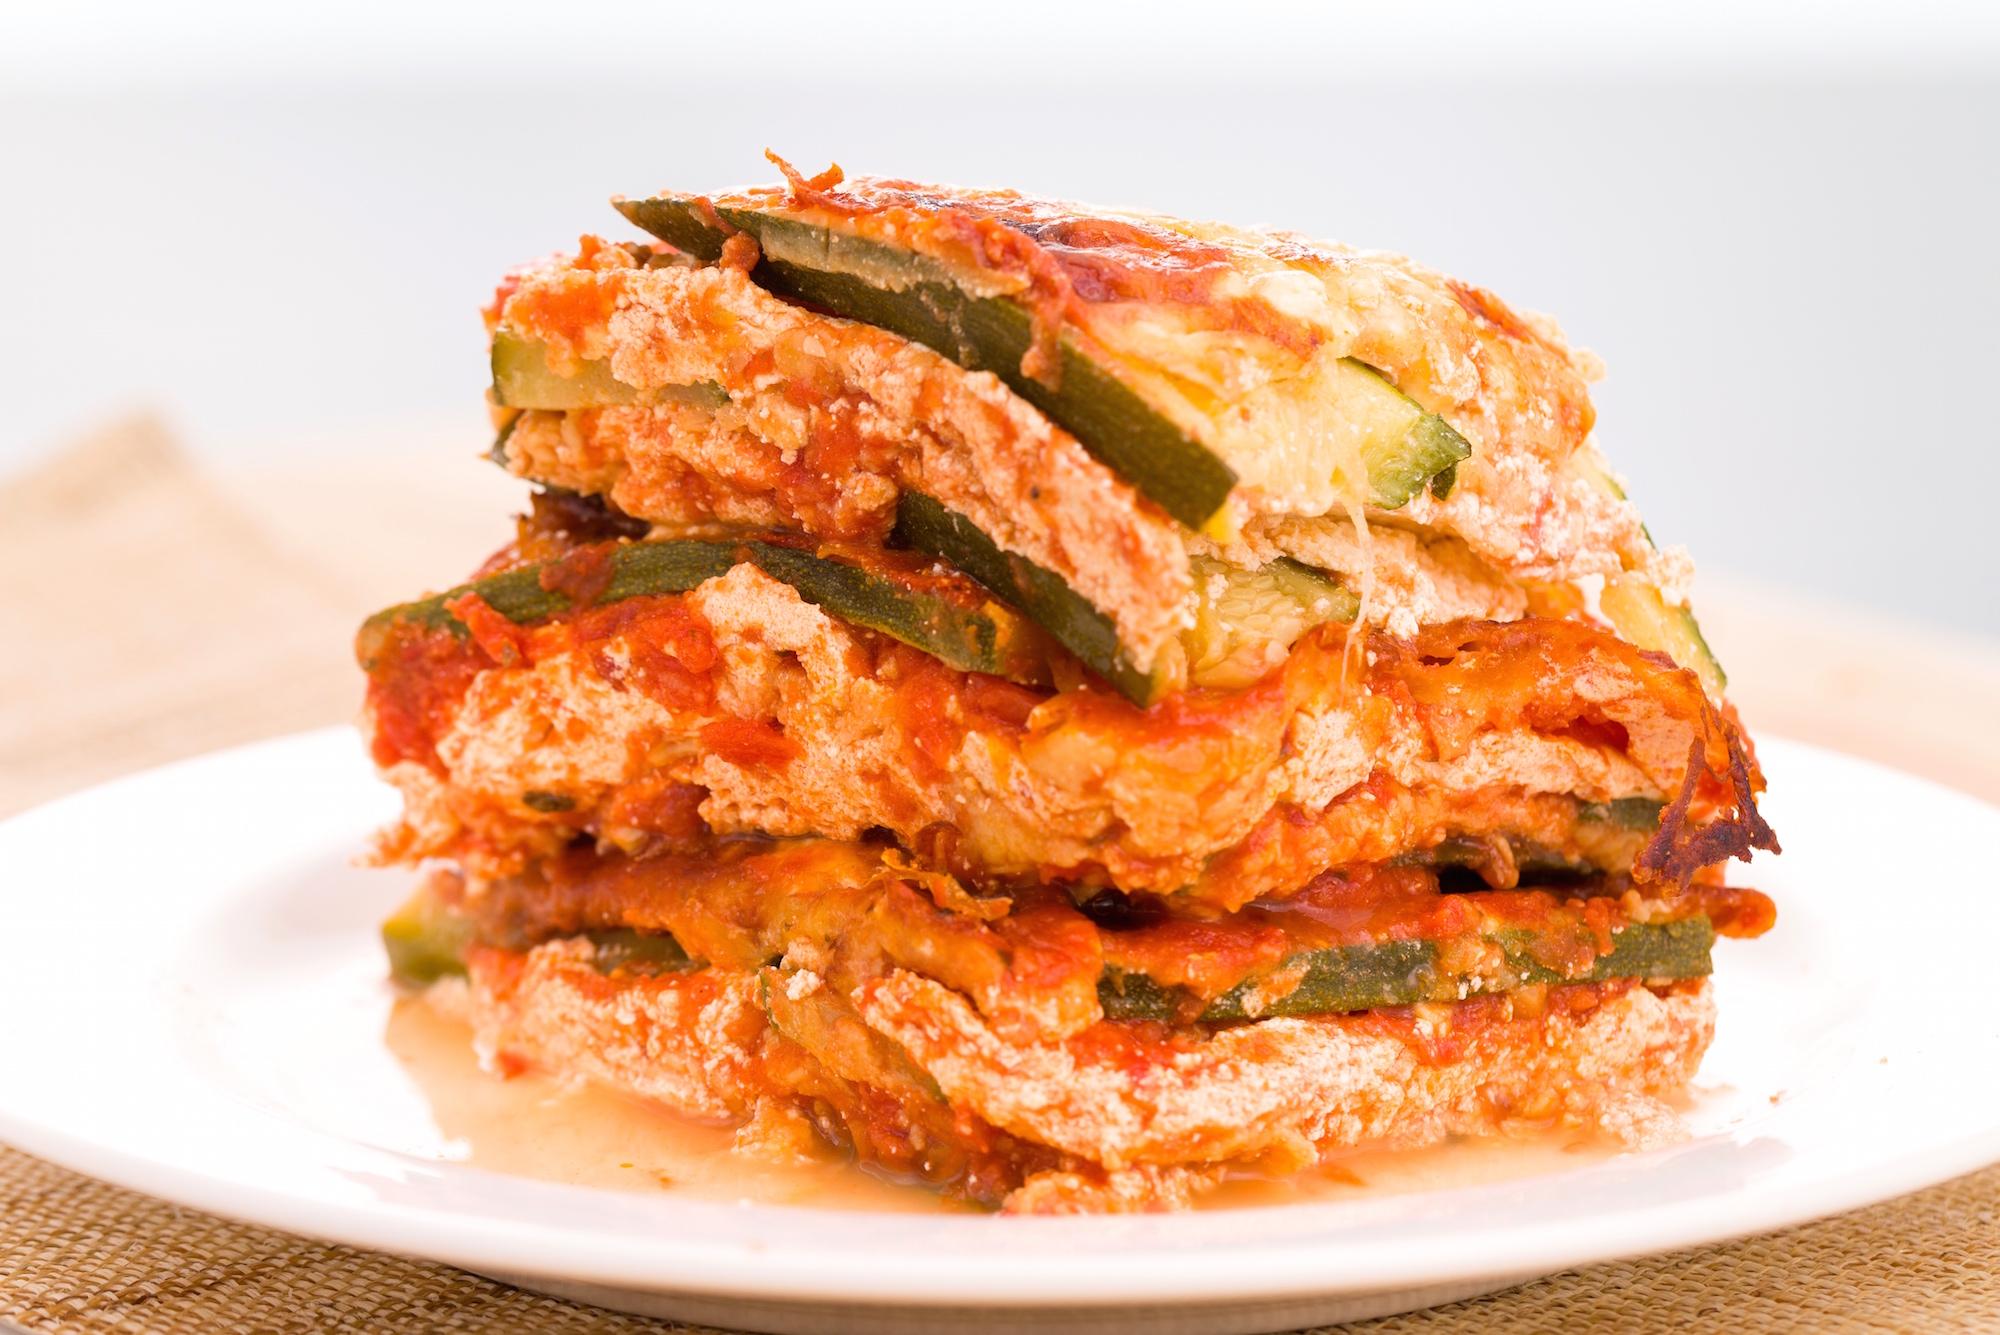 Best Zucchini Lasagna Recipe - How to Make Zucchini Lasagna